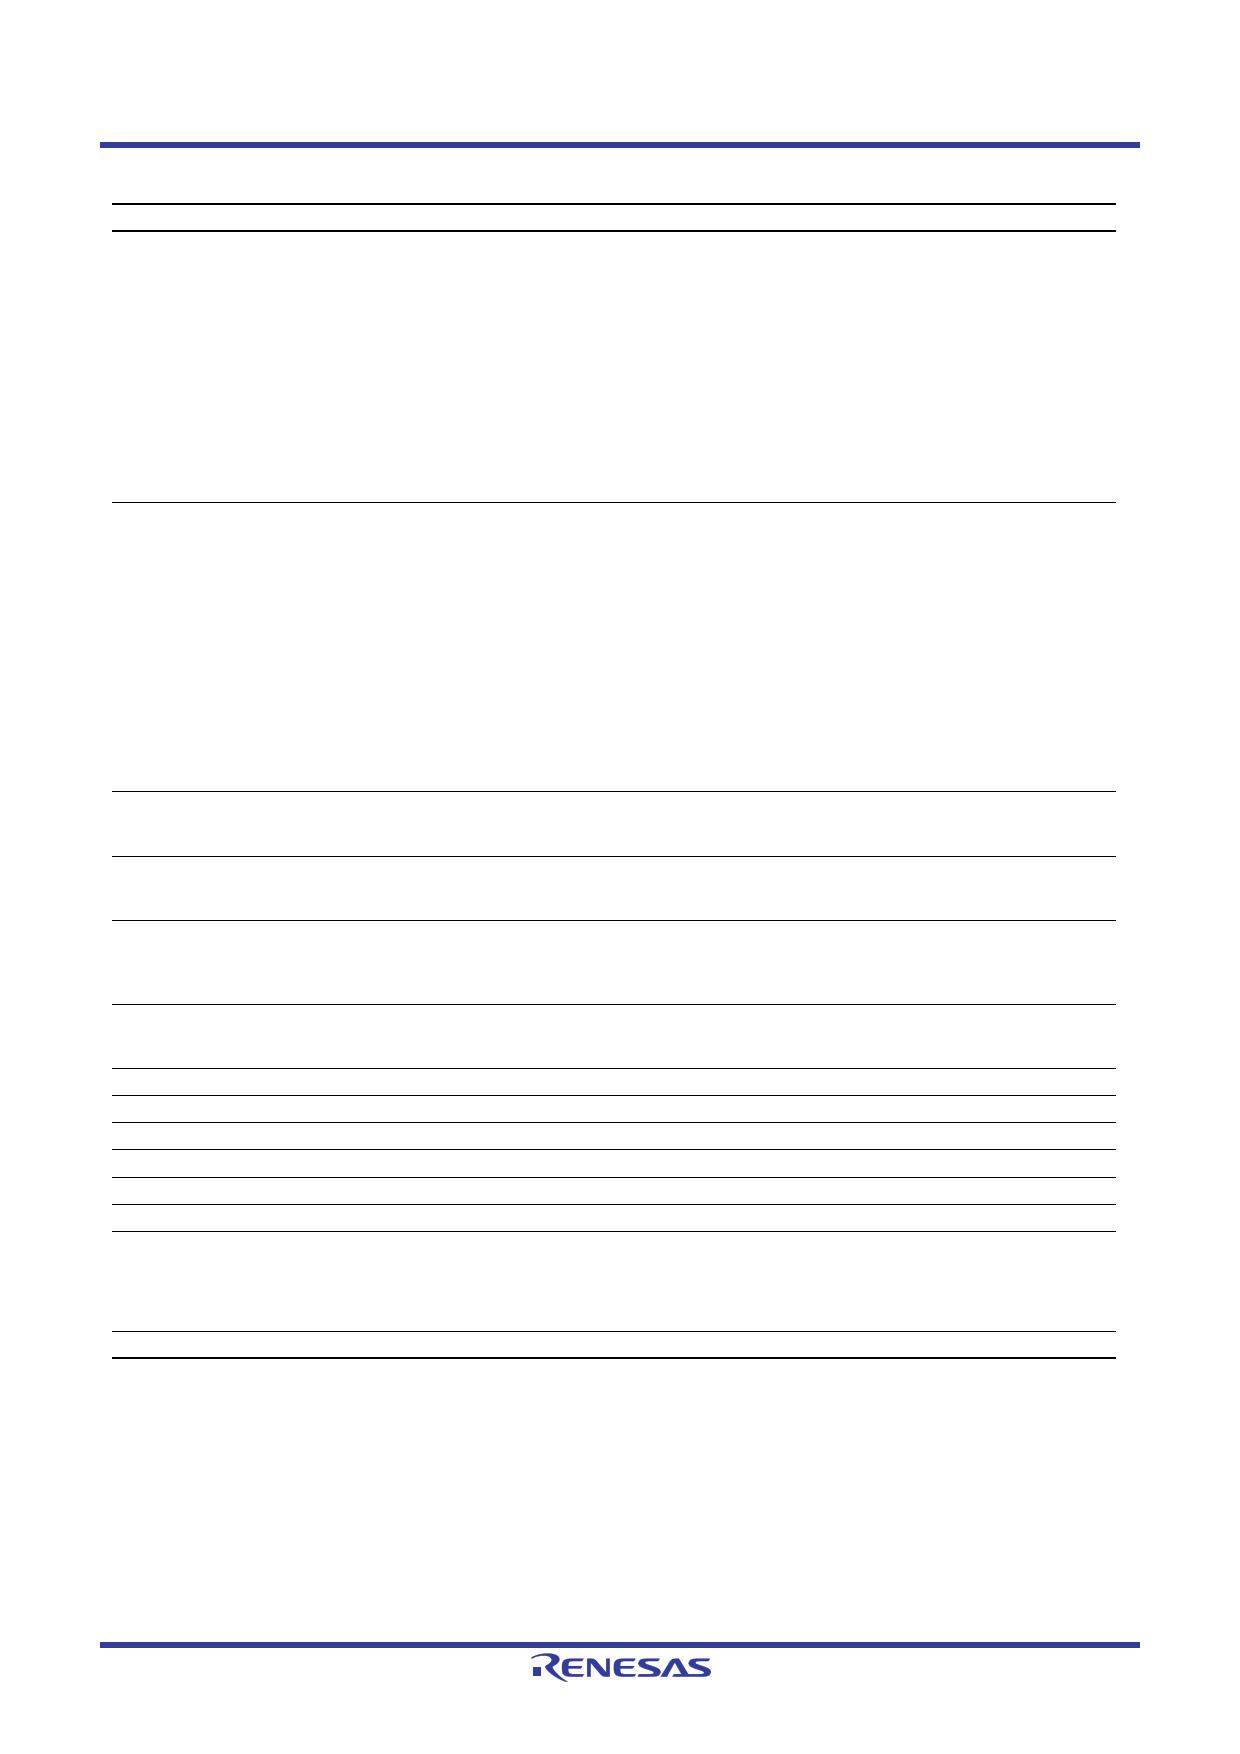 R5F51303AGFN pdf, 반도체, 판매, 대치품